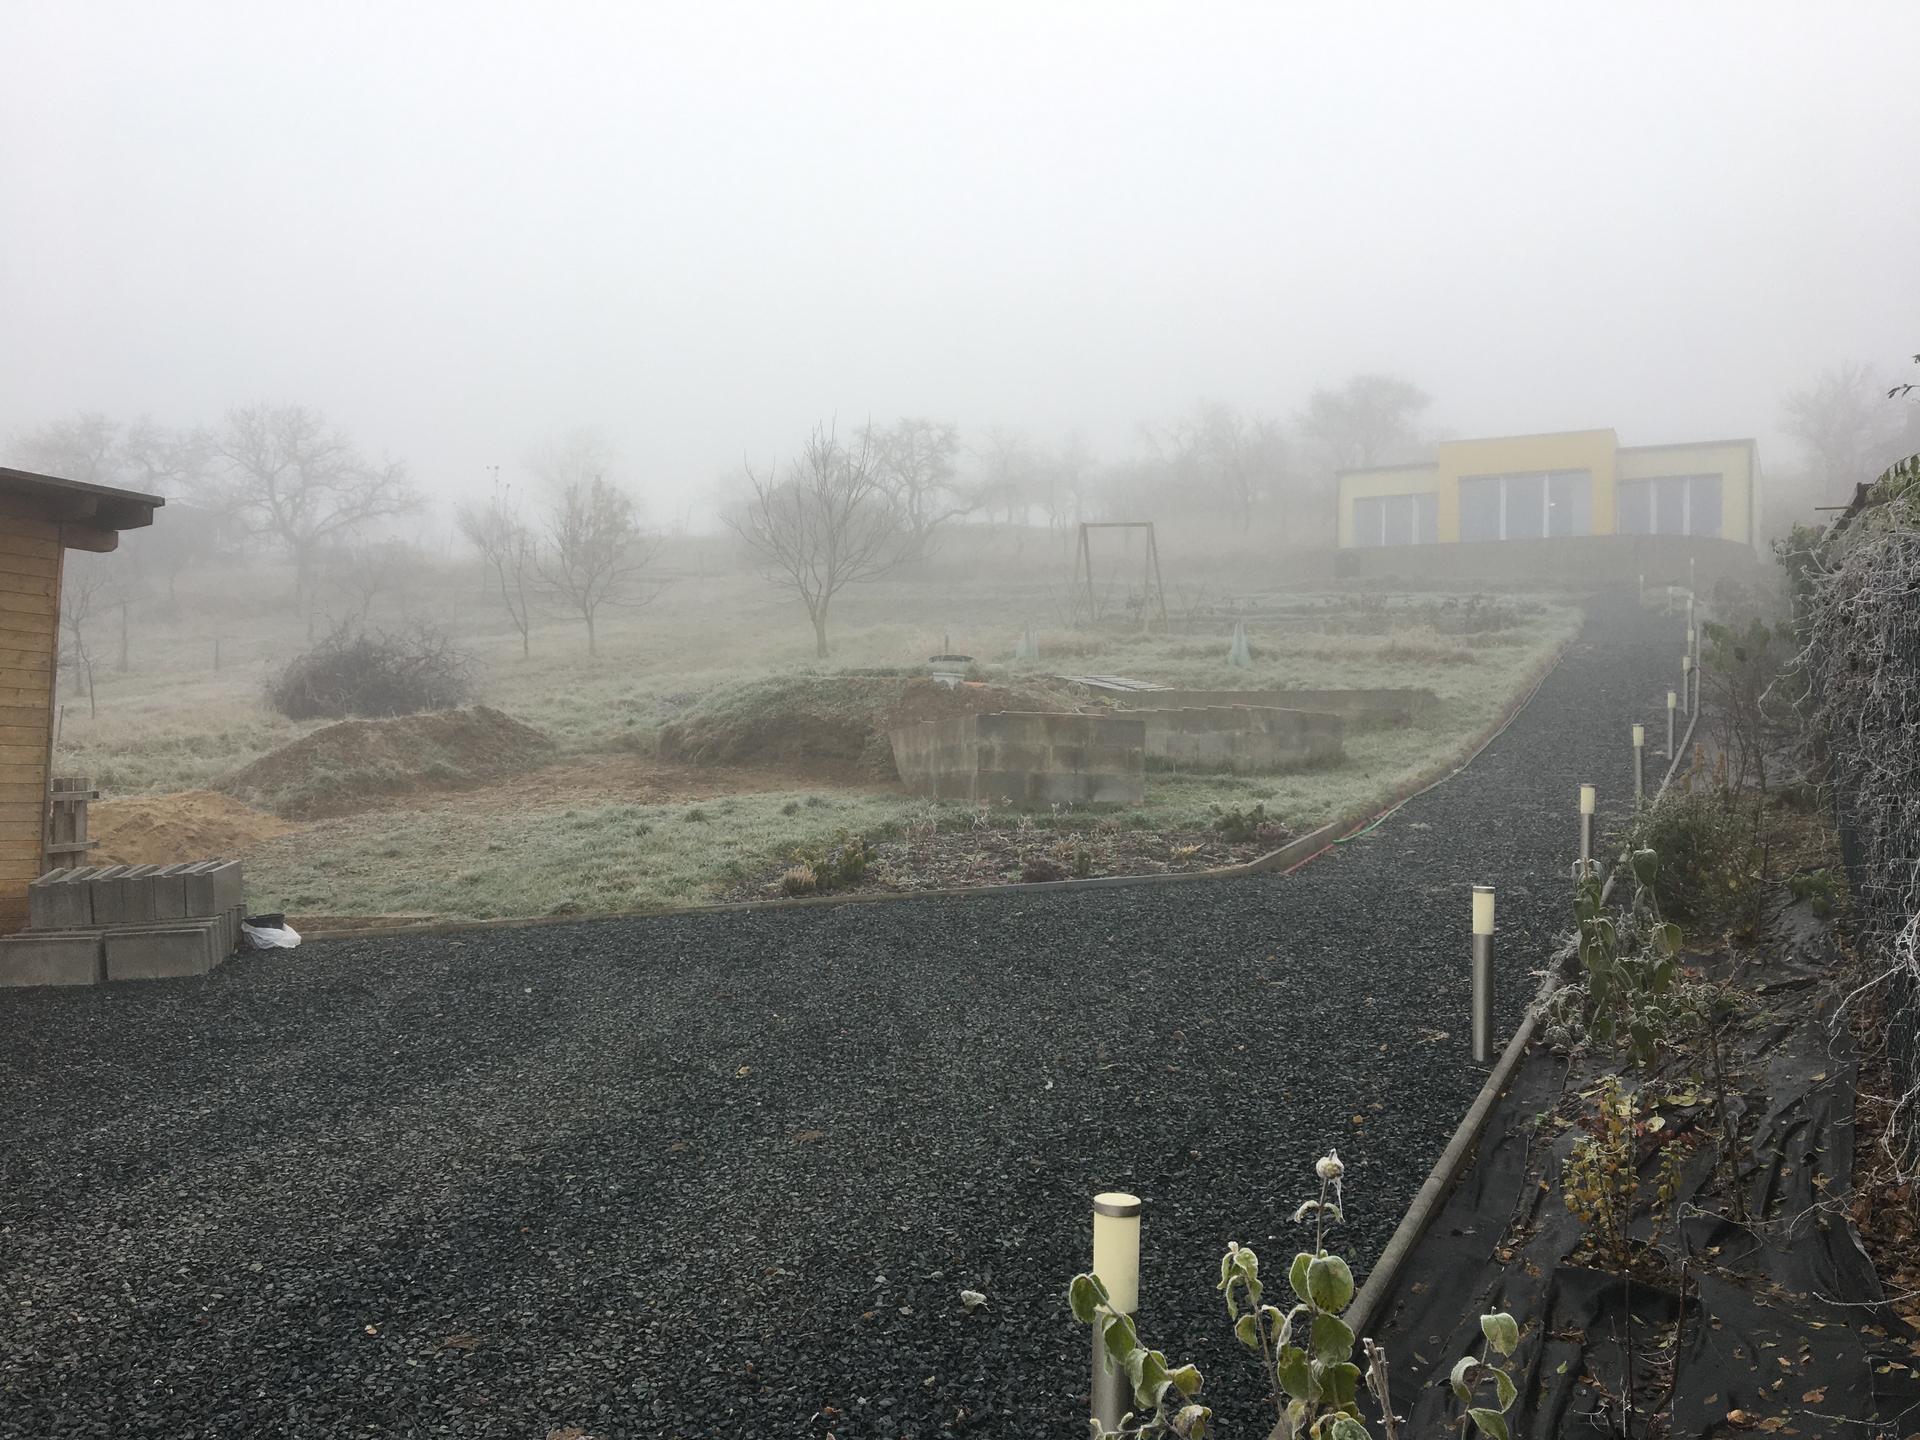 Skřítčí zahrada 2015 - 2020 - Listopad 2020 - padla mrazivá mlha